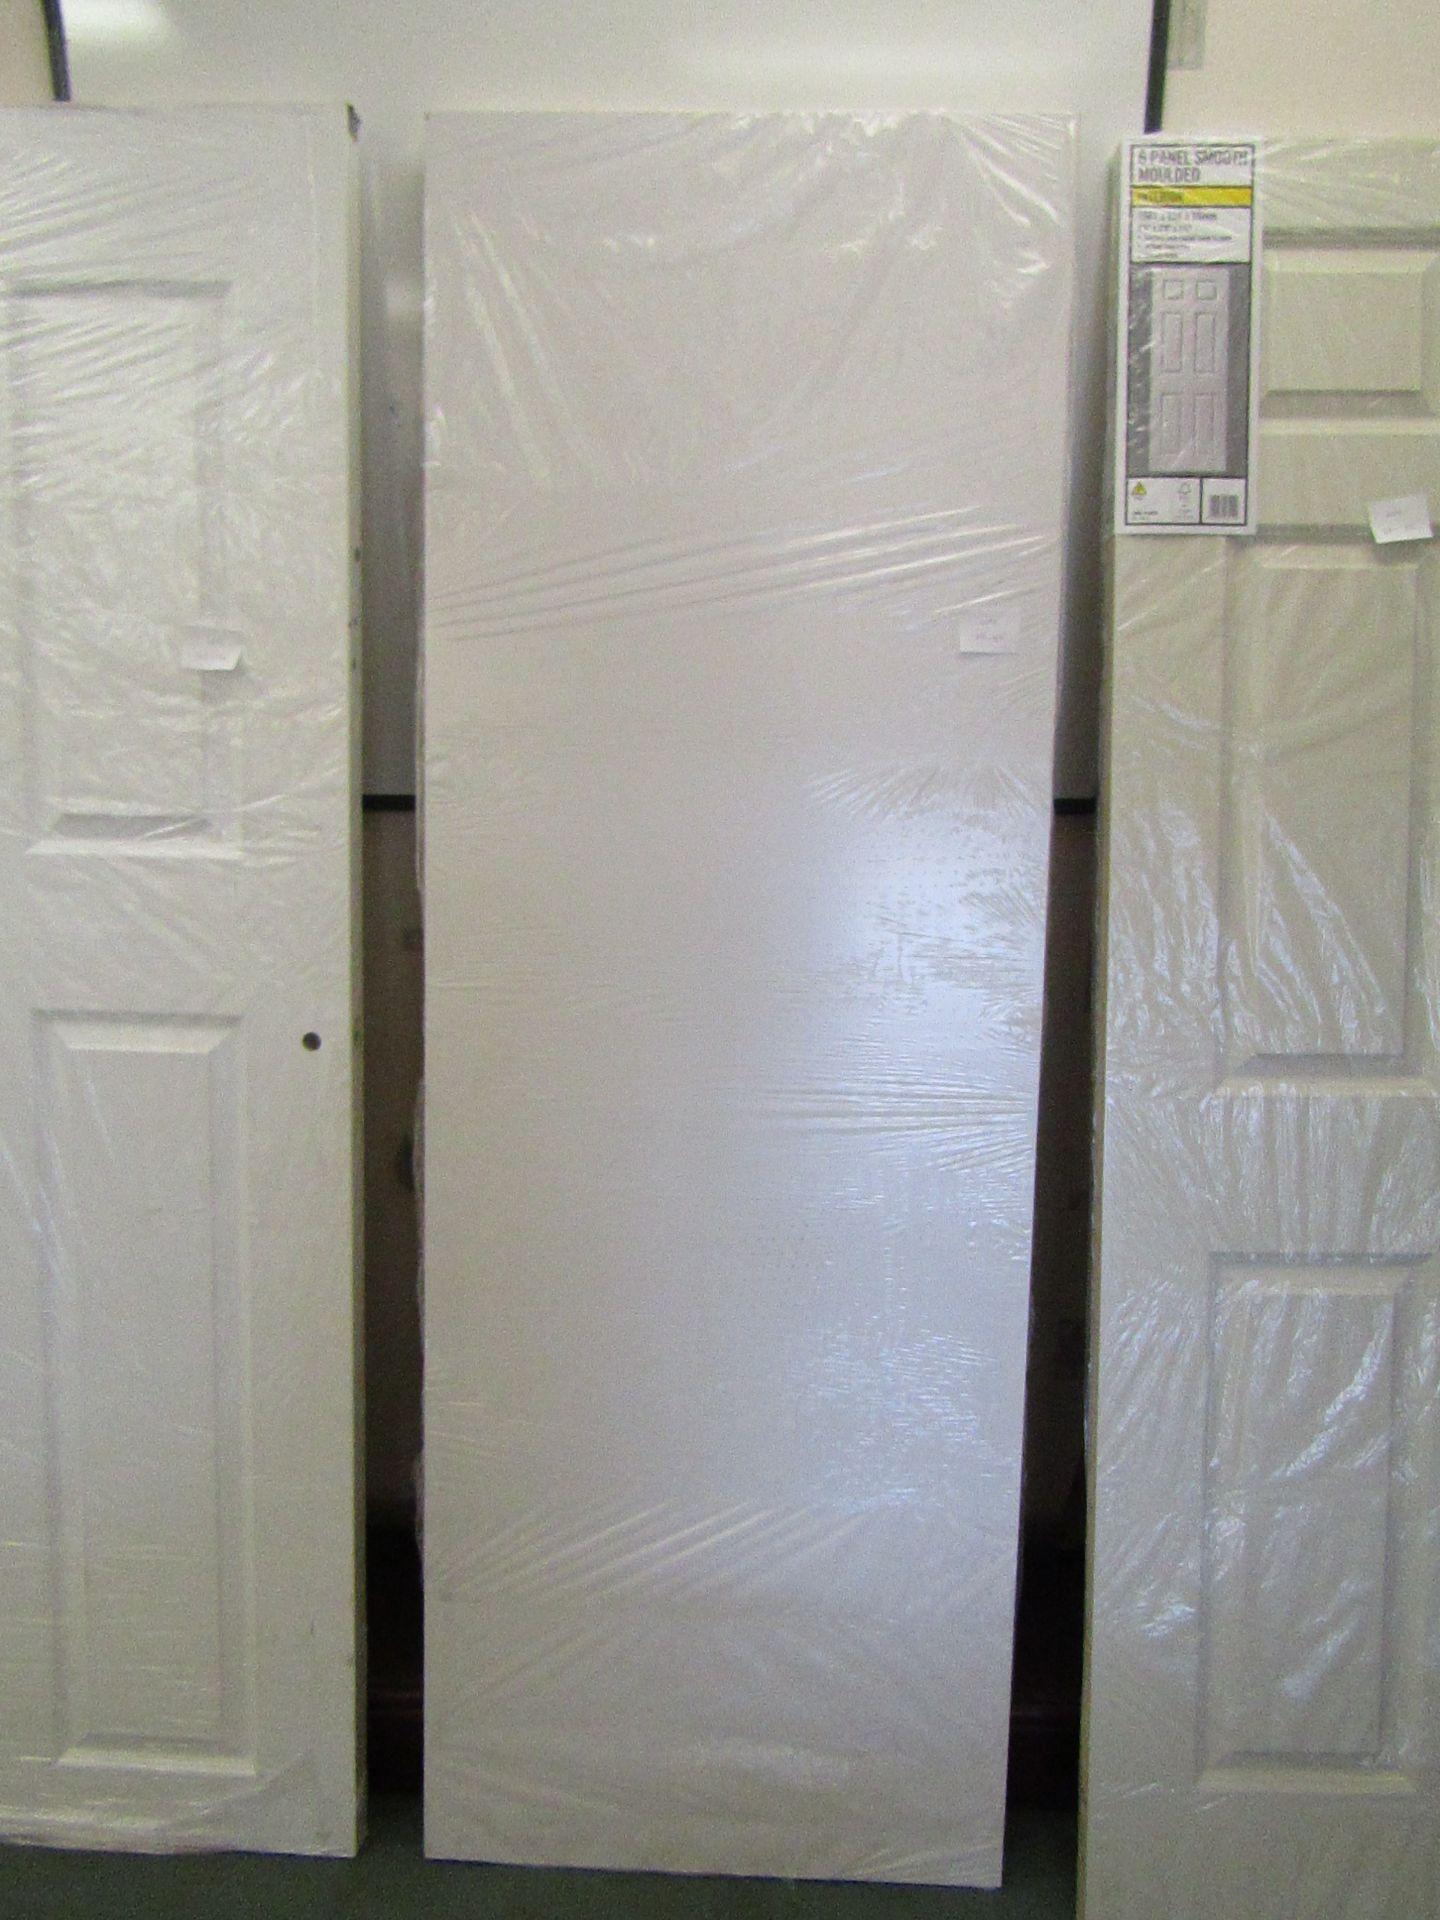 Lot 20 - Prem Door white smooth 30 min (FD30) fire door 686mm wide, unused